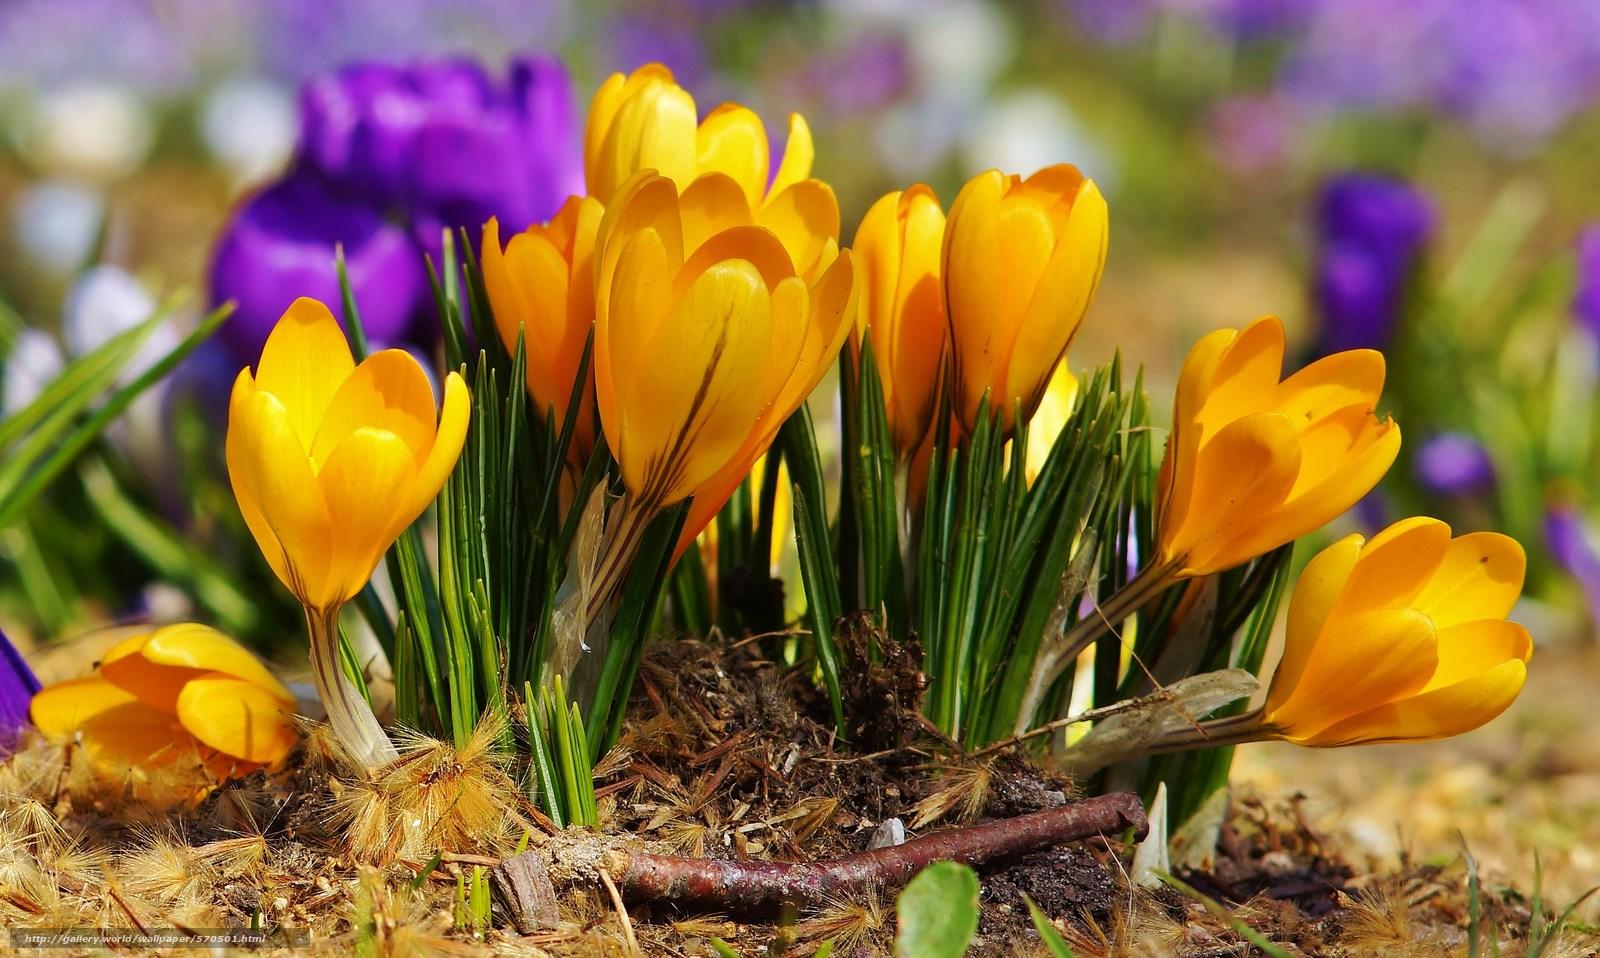 Scaricare gli sfondi viola fiori primavera giallo for Sfondi desktop primavera